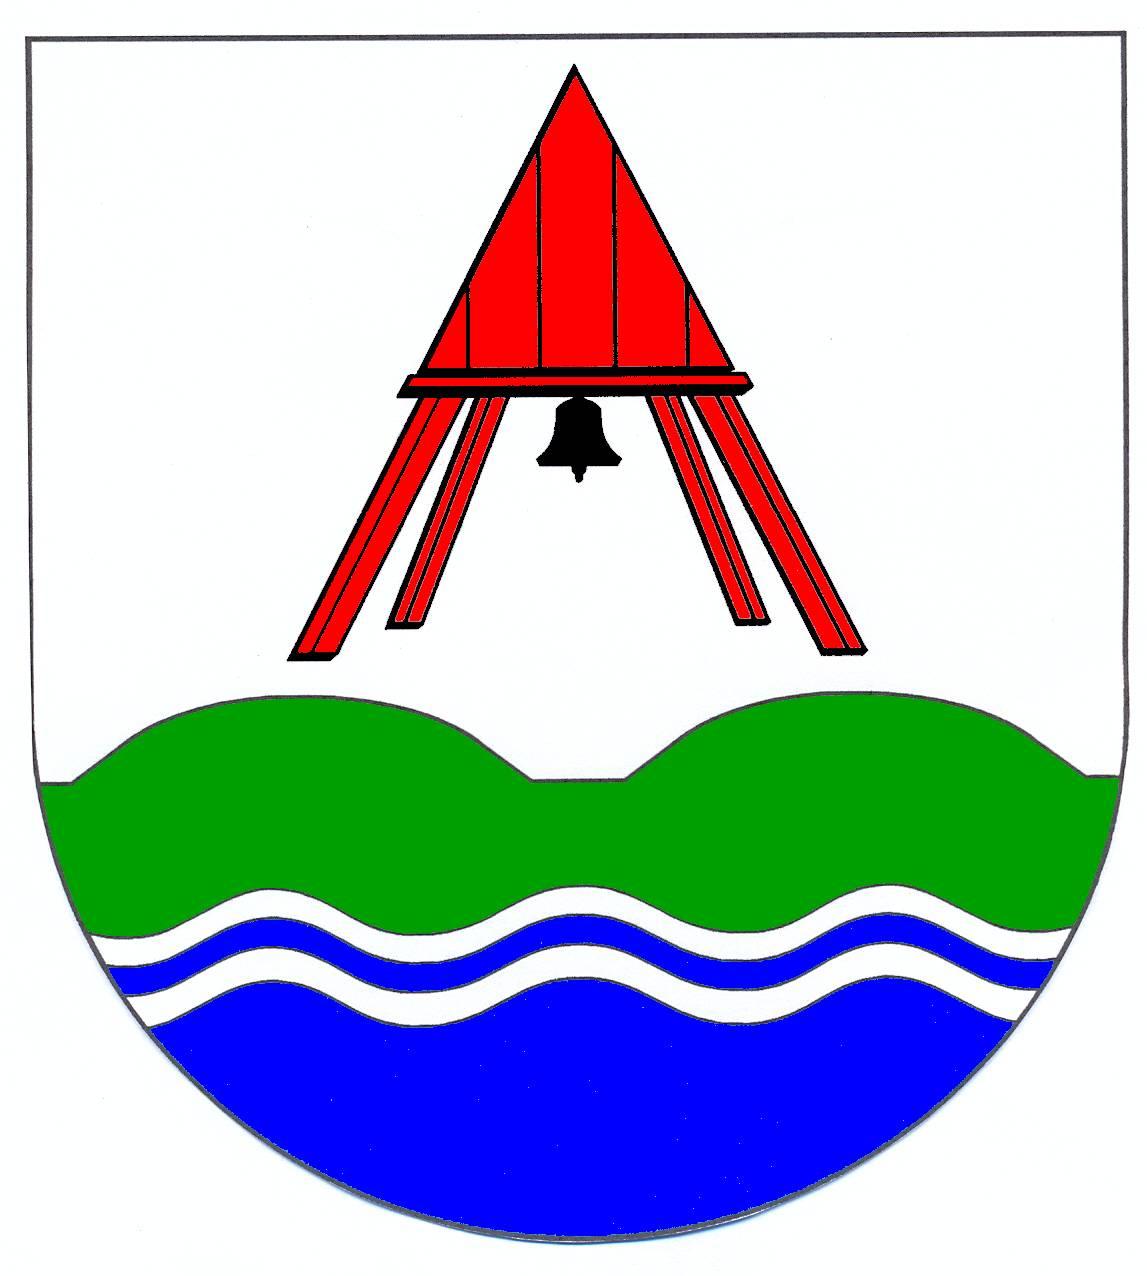 Wappen GemeindeBusenwurth, Kreis Dithmarschen